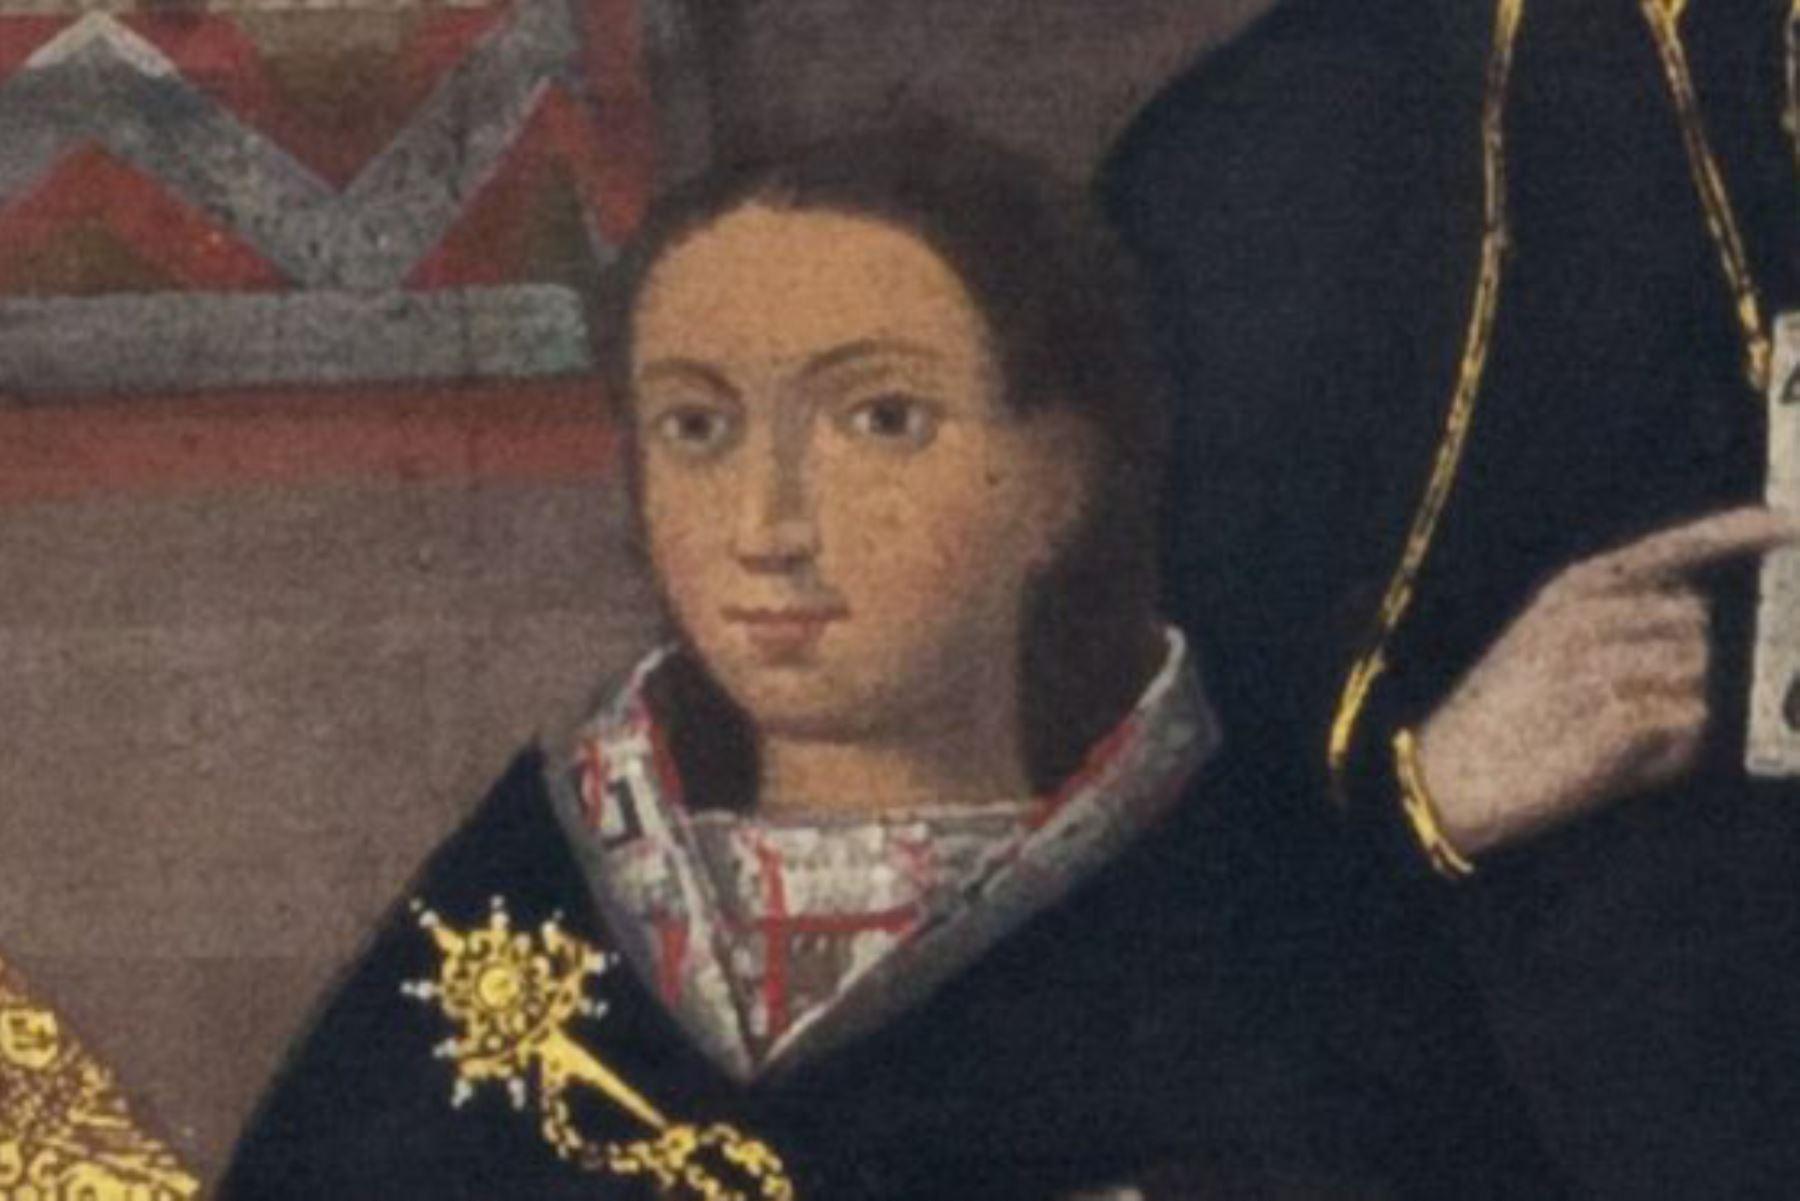 El matrimonio de la princesa inca Beatriz Clara Coya fue tan importante que la boda quedó representada en varios cuadros. Imagen: Museo Pedro de Osma/BBC Mundo